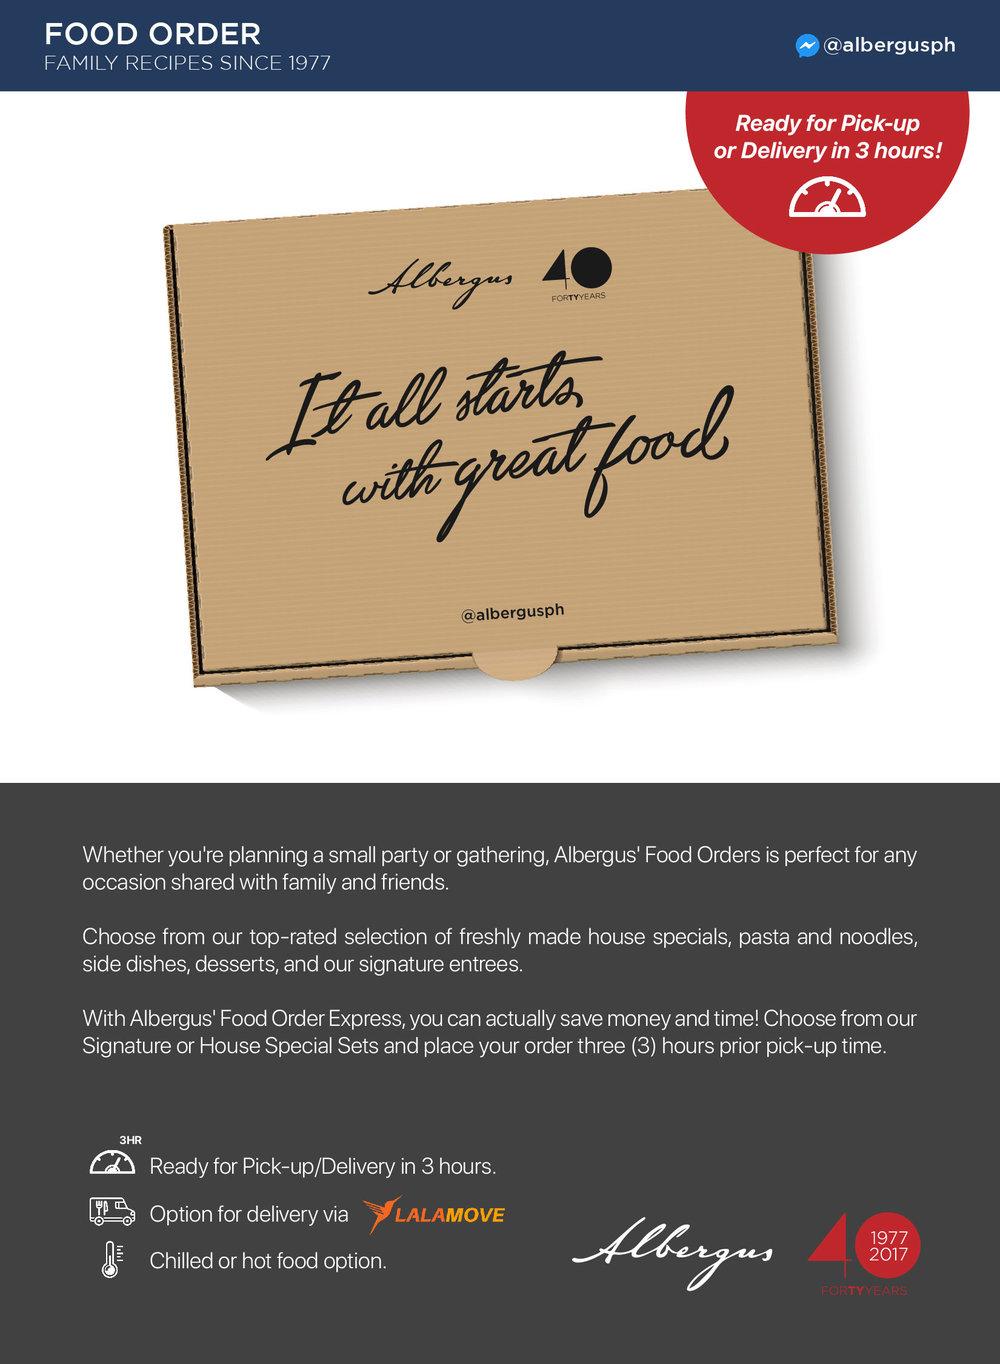 Food-Order-flier-front-v6.jpg